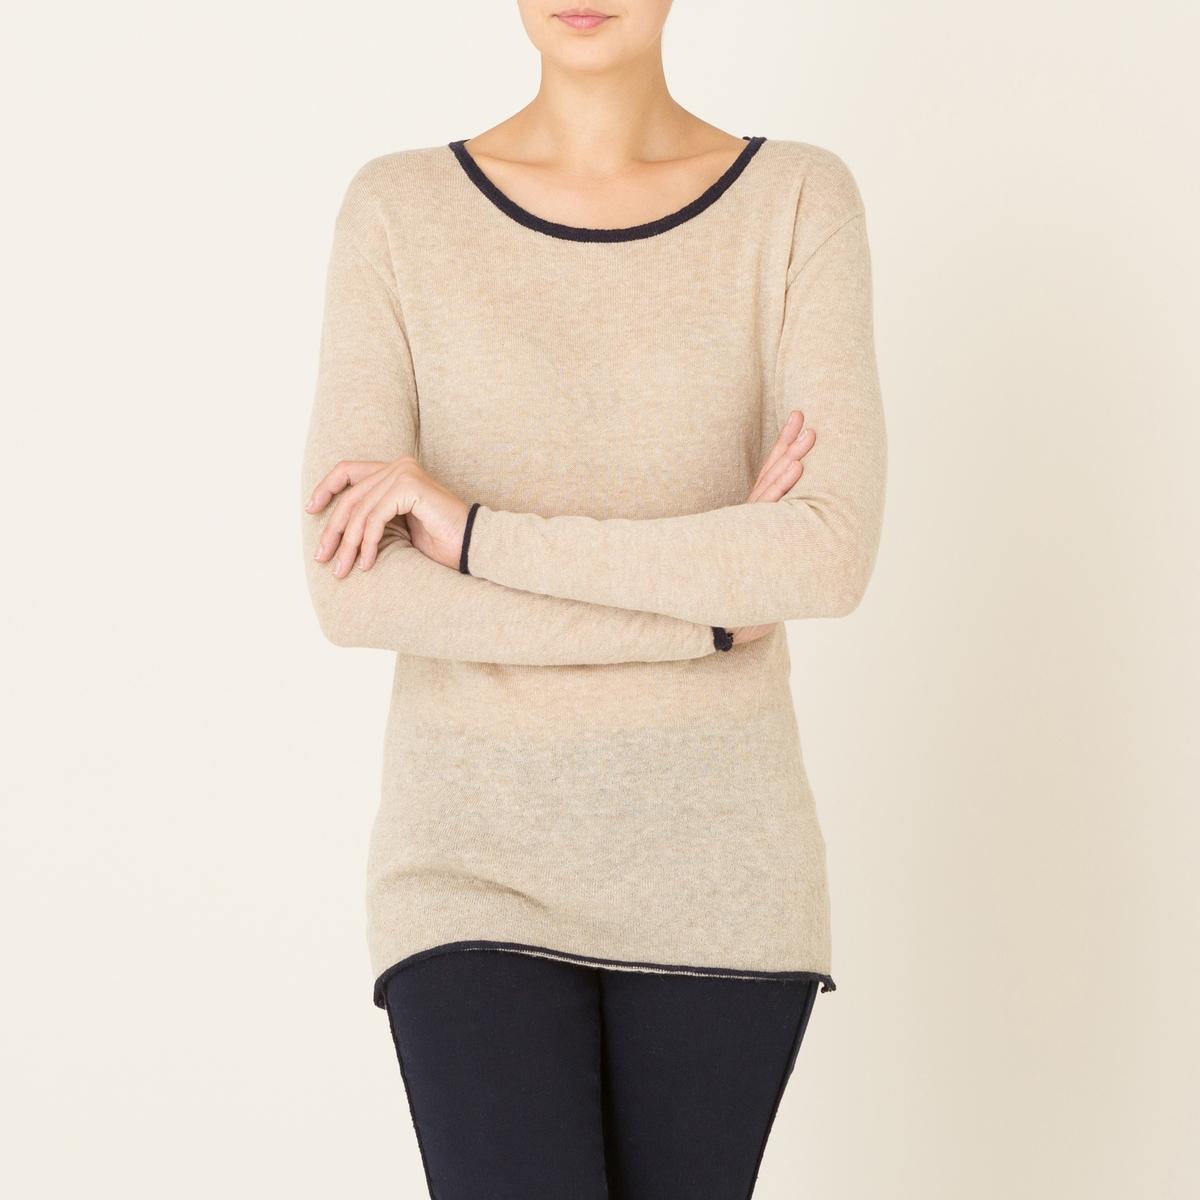 Пуловер PINTOПуловер DIEGA - модель PINTO. Свободный вырез, рукава и низа с краями контрастного цвета.Состав и описание Материал : 50% полиамида, 40% альпаки, 10% очень тонкой шерстиМарка : DIEGA<br><br>Цвет: экрю/черный